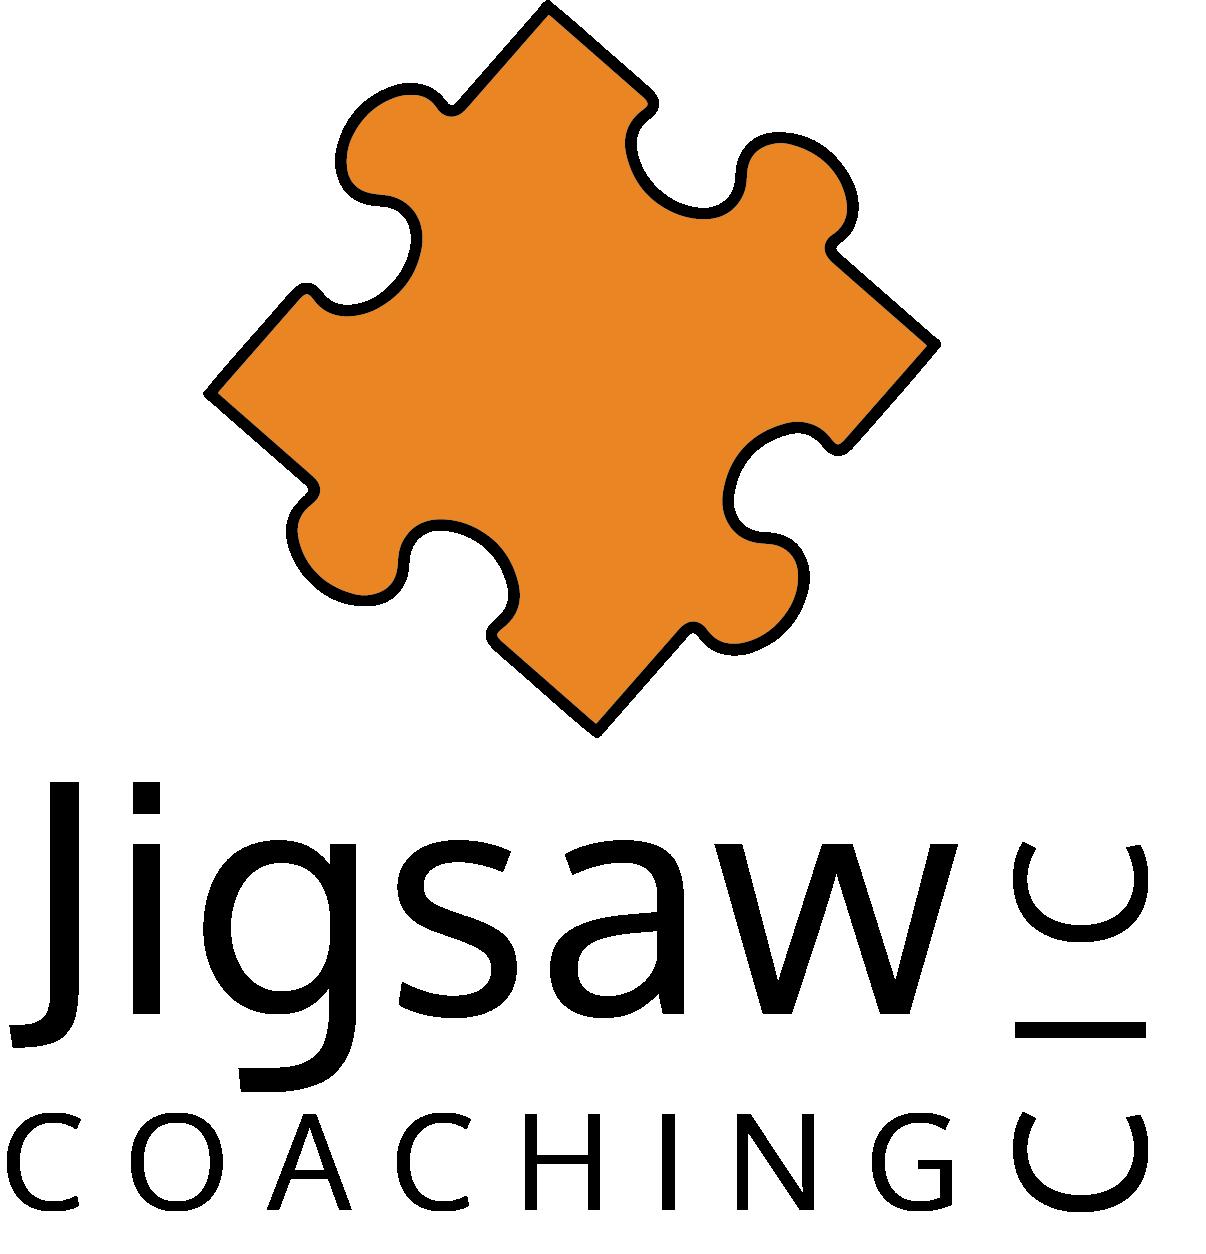 Jigsaw Coaching CIC - Coaching Services - Site Logo